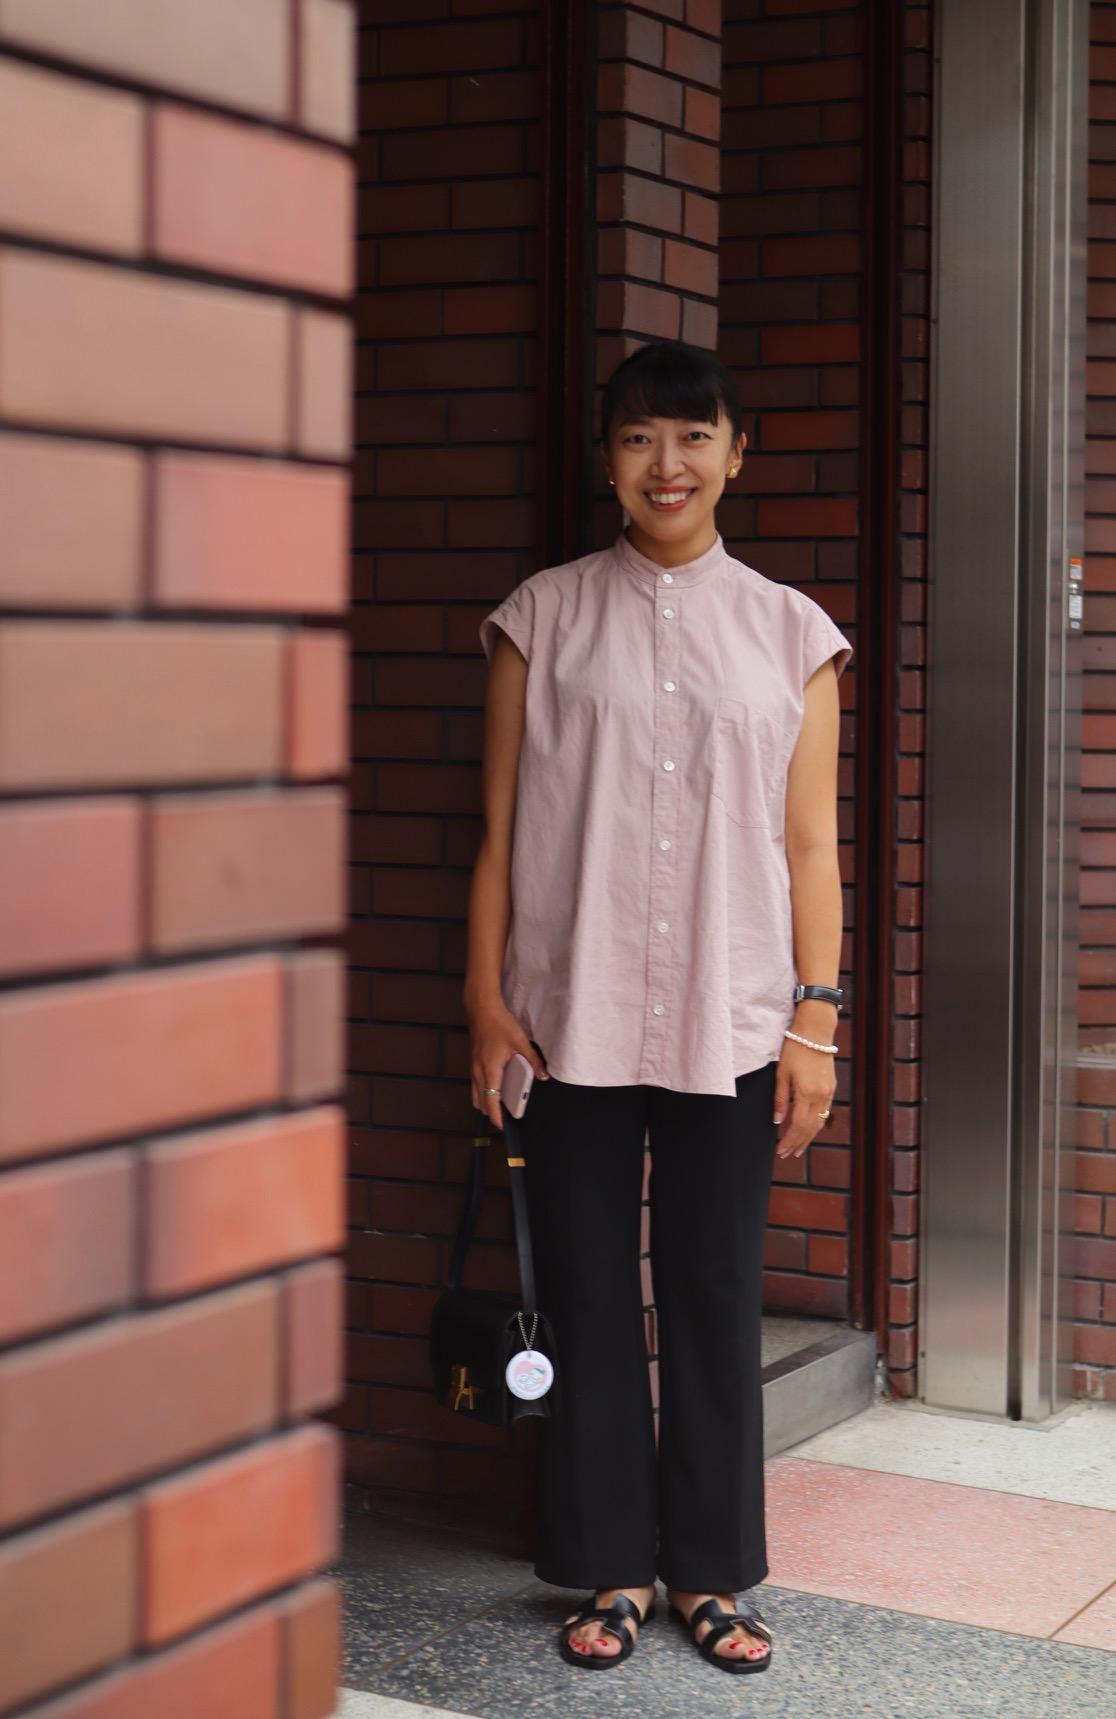 マタニティパンツを使わない妊娠6か月のマタニティコーデ。ブラウス(シャツ)×黒のゴムパンツ1。身長155㎝。